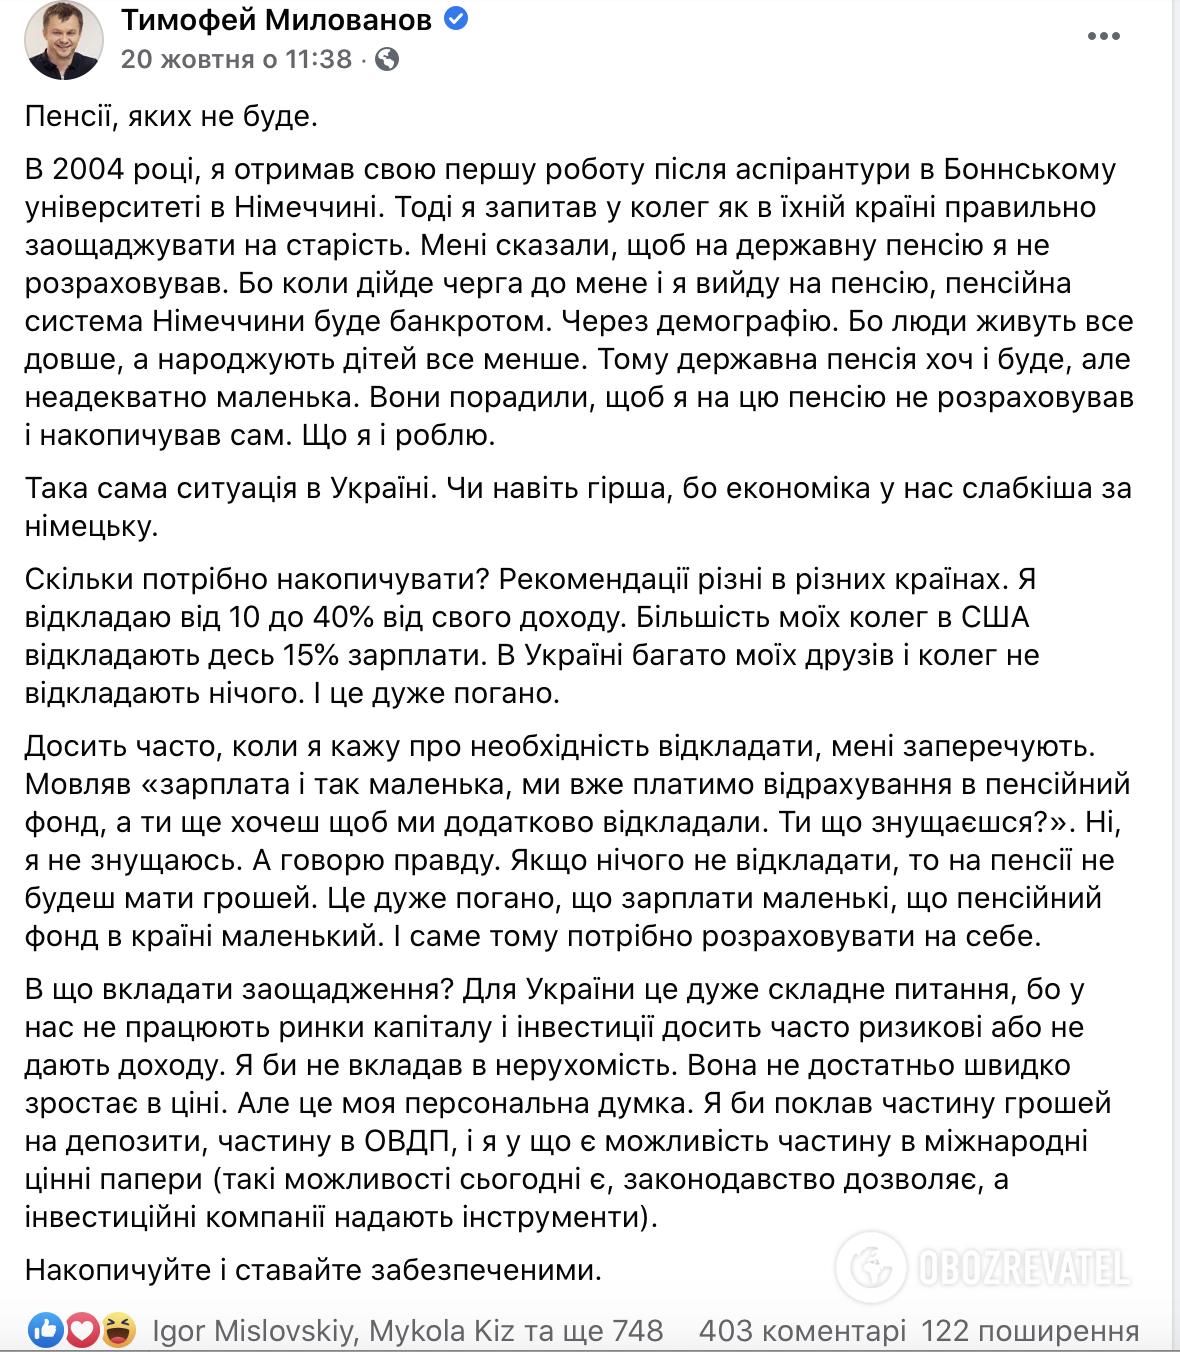 Милованов порадив не розраховувати на пенсію